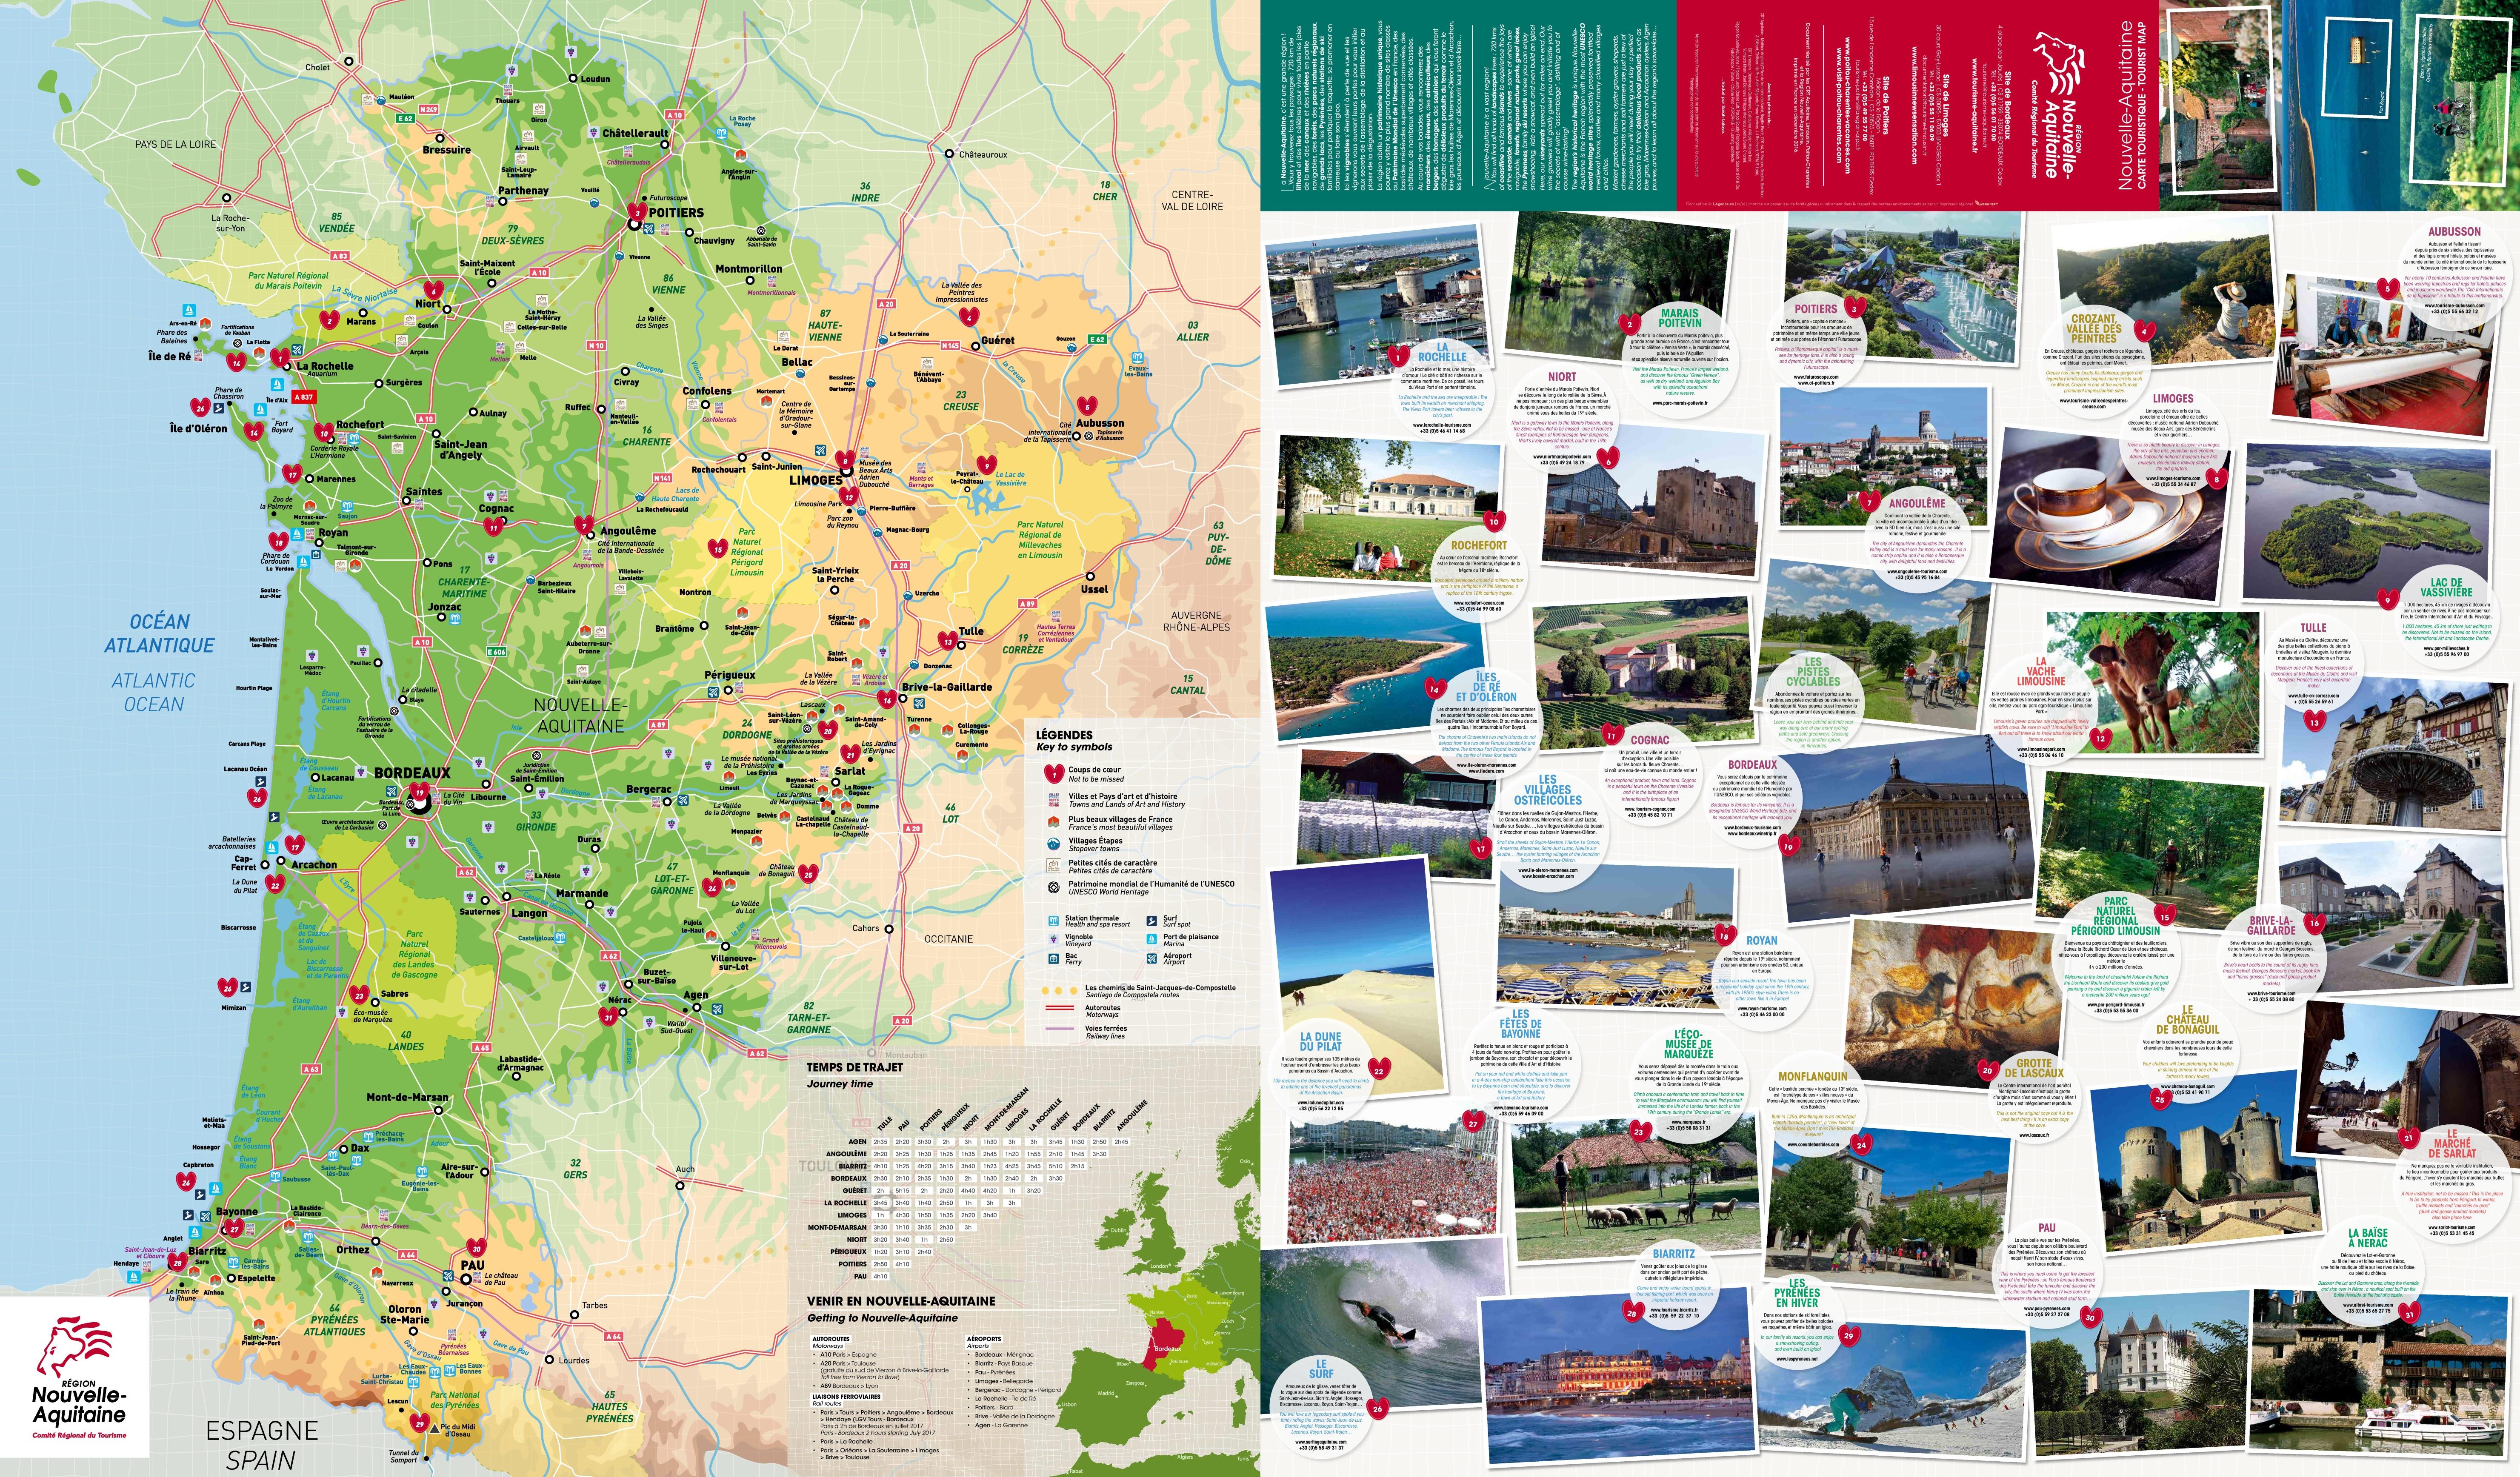 NouvelleAquitaine tourist map